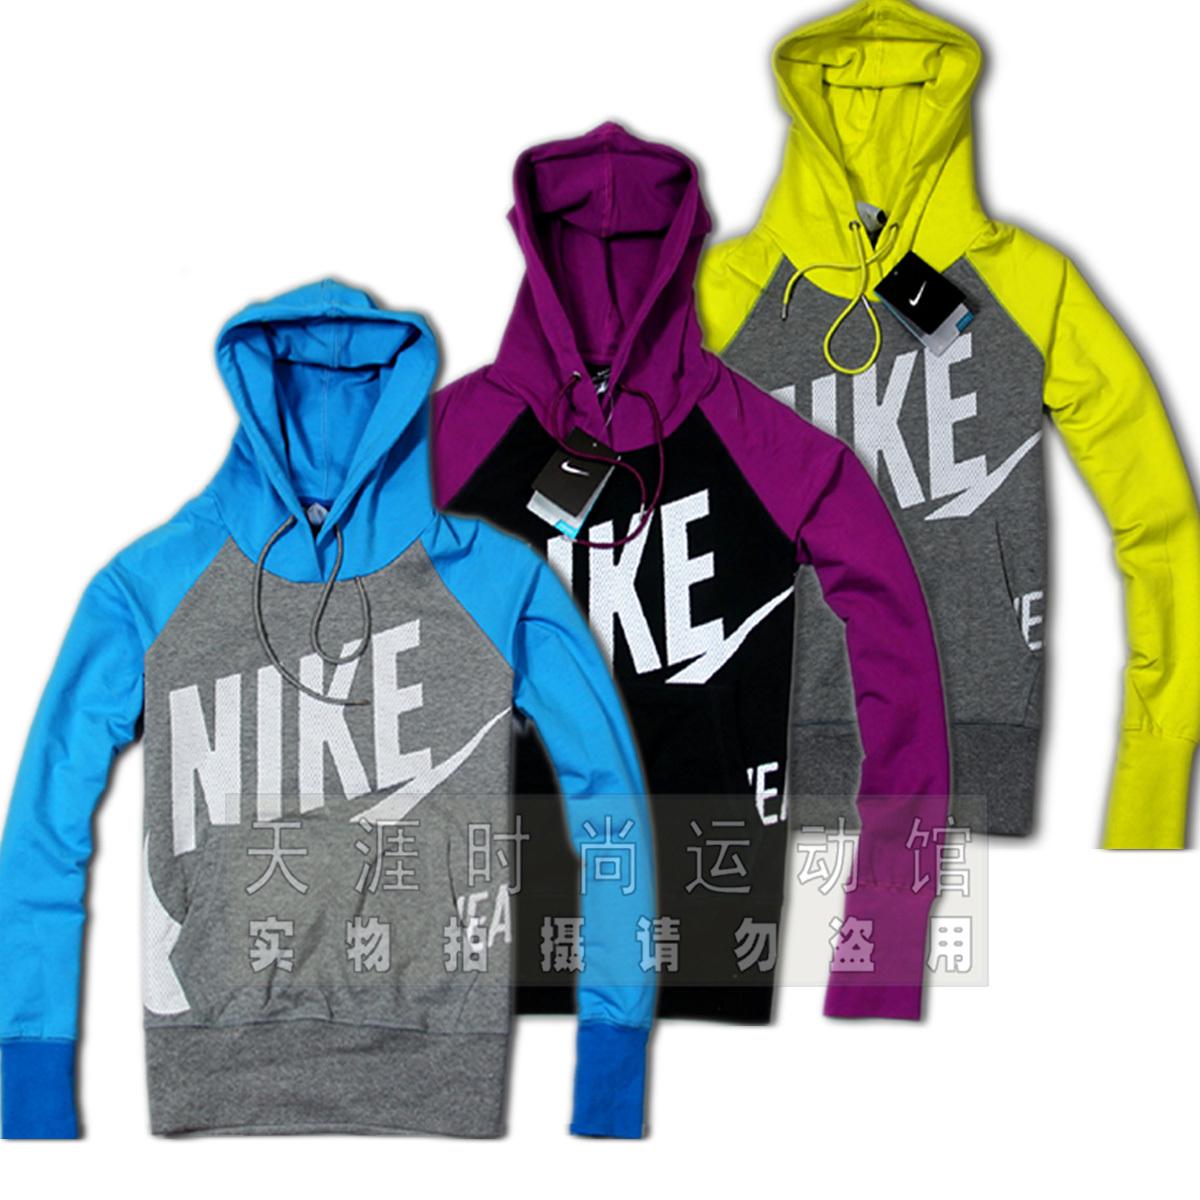 Купить Одежду Найк Дешево